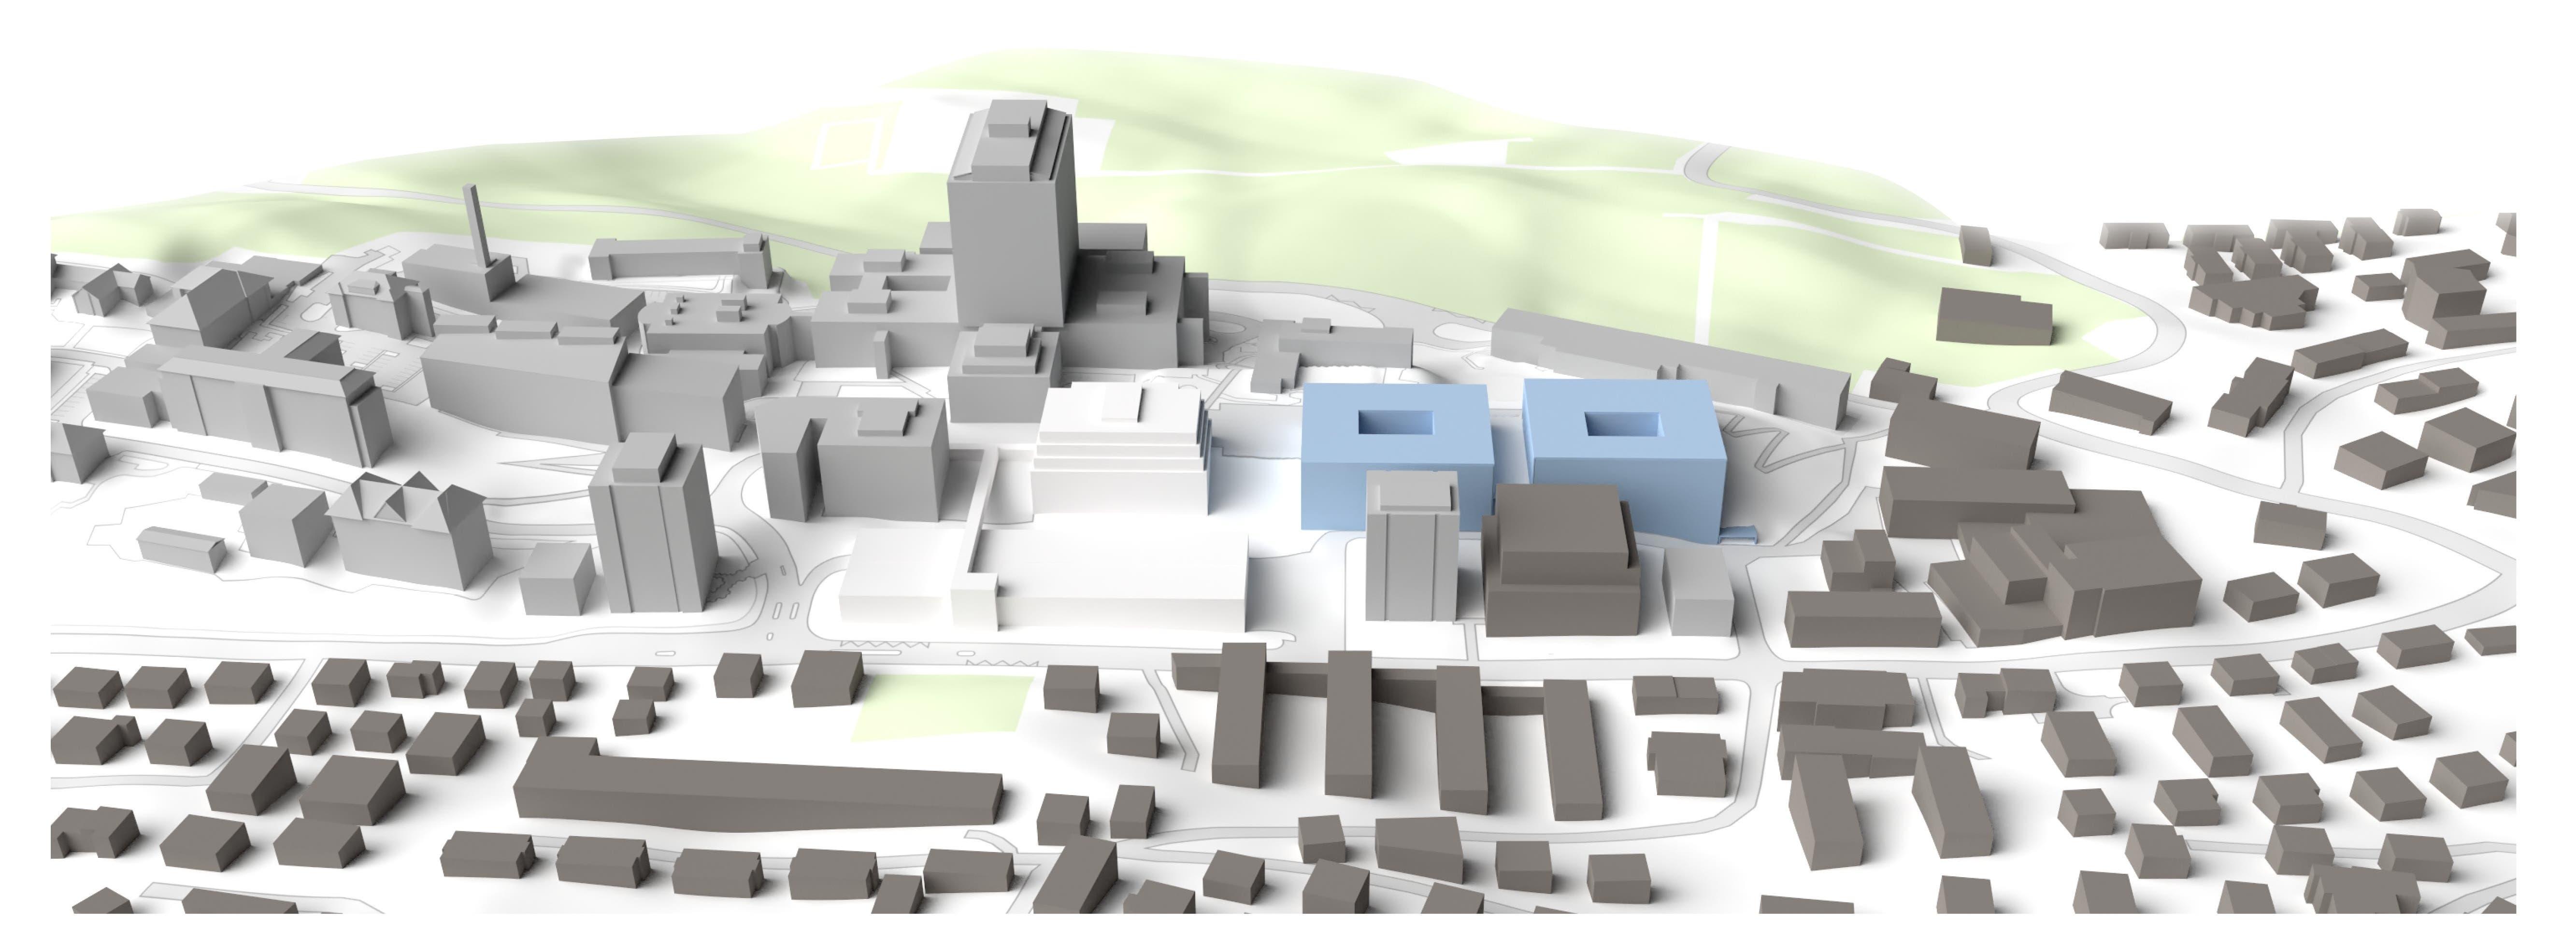 Bauphase 1: Das Kinderspital (linkes, blaues Gebäude) und die Frauenklinik (rechts) werden bis 2025 fertiggestellt. Das alte Kinderspital sowie das Besucher-Parkhaus (weiss) werden abgerissen.